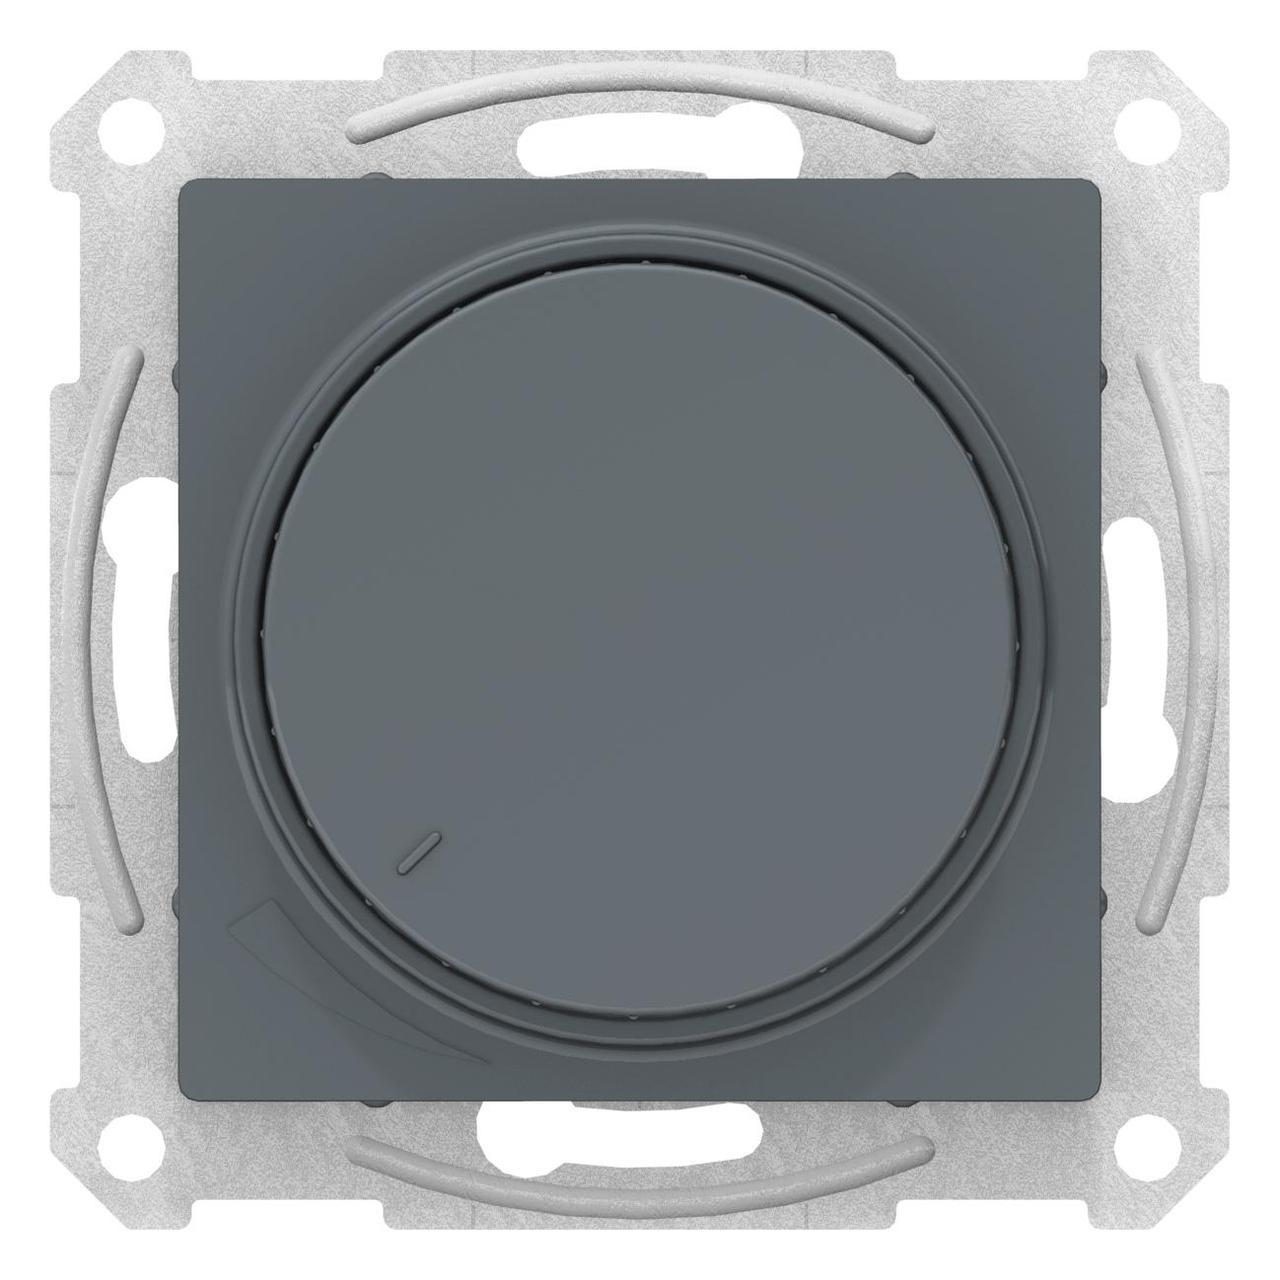 Диммер поворотно-нажимной , 300Вт для ламп накаливания , Грифель, серия Atlas Design, Schneider Electric